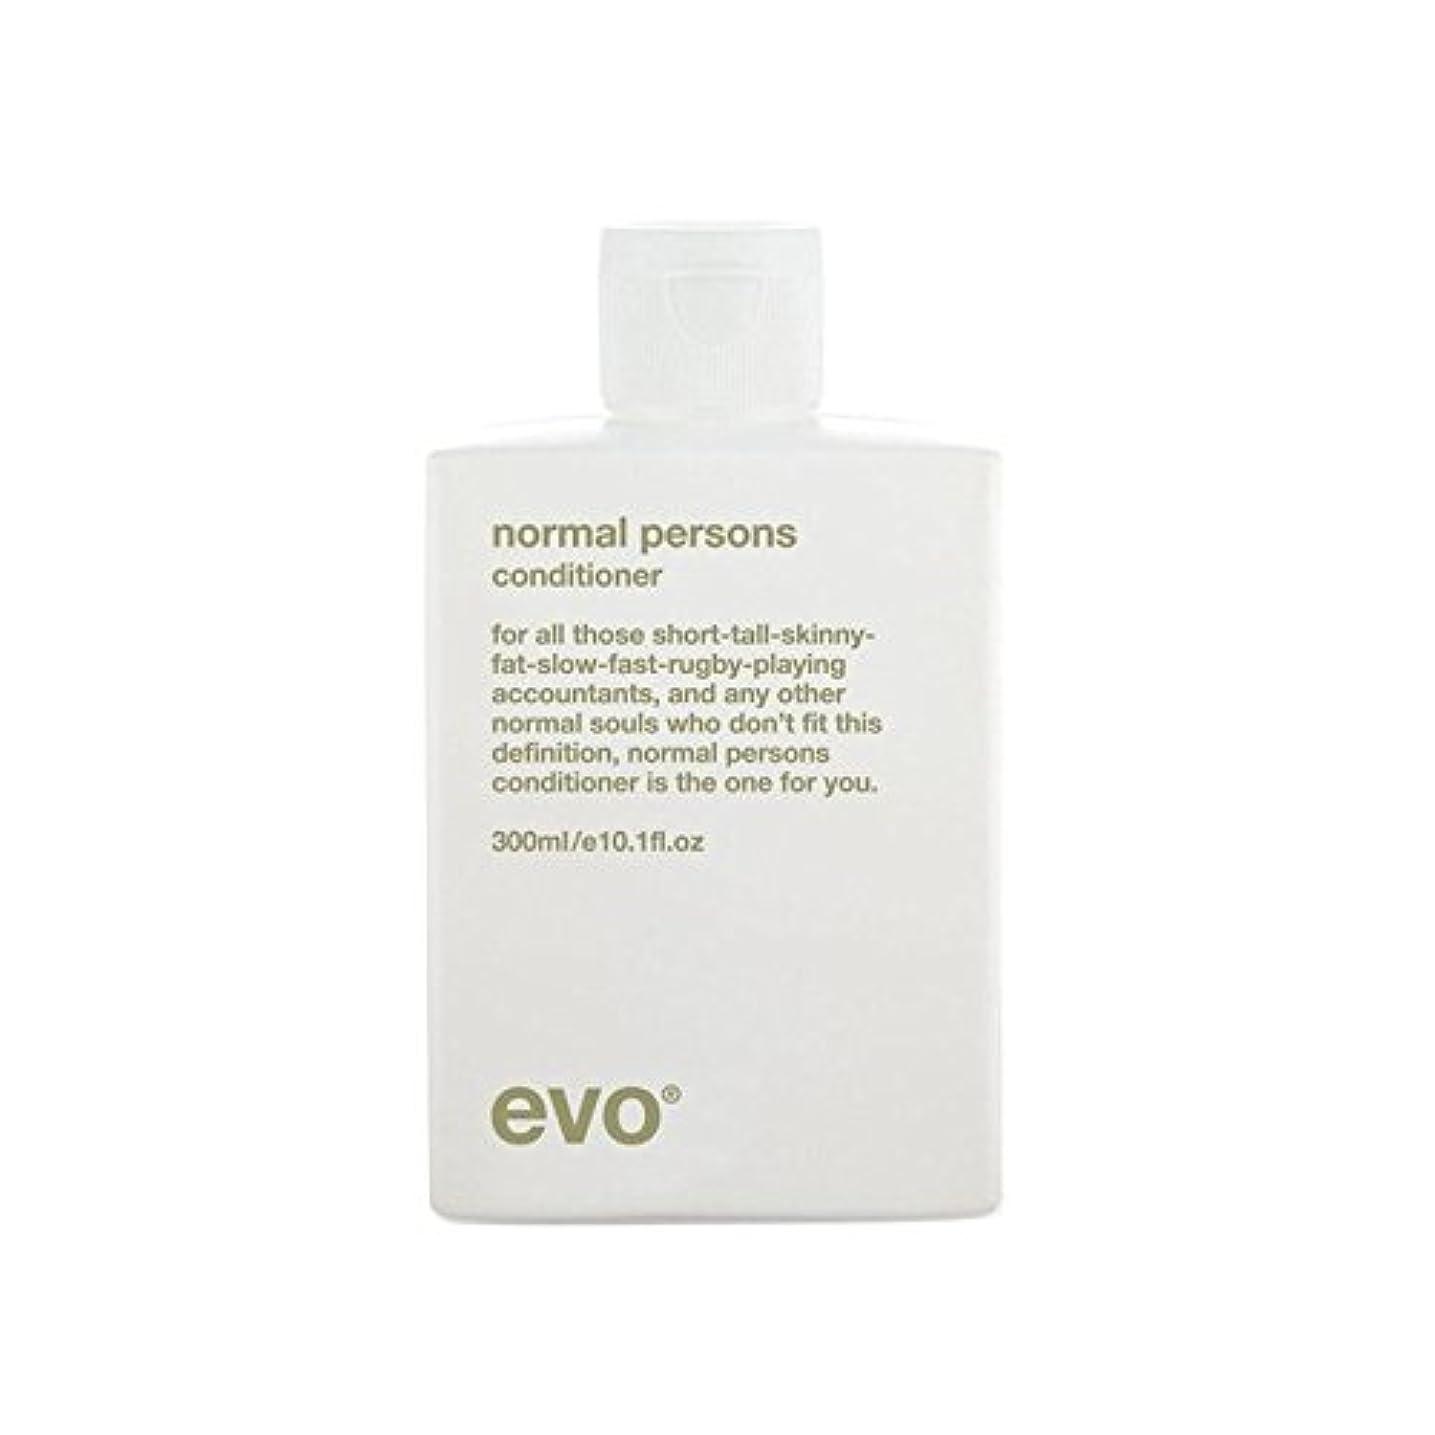 解読する異議観察エボ正常人コンディショナー(300ミリリットル) x4 - Evo Normal Persons Conditioner (300ml) (Pack of 4) [並行輸入品]